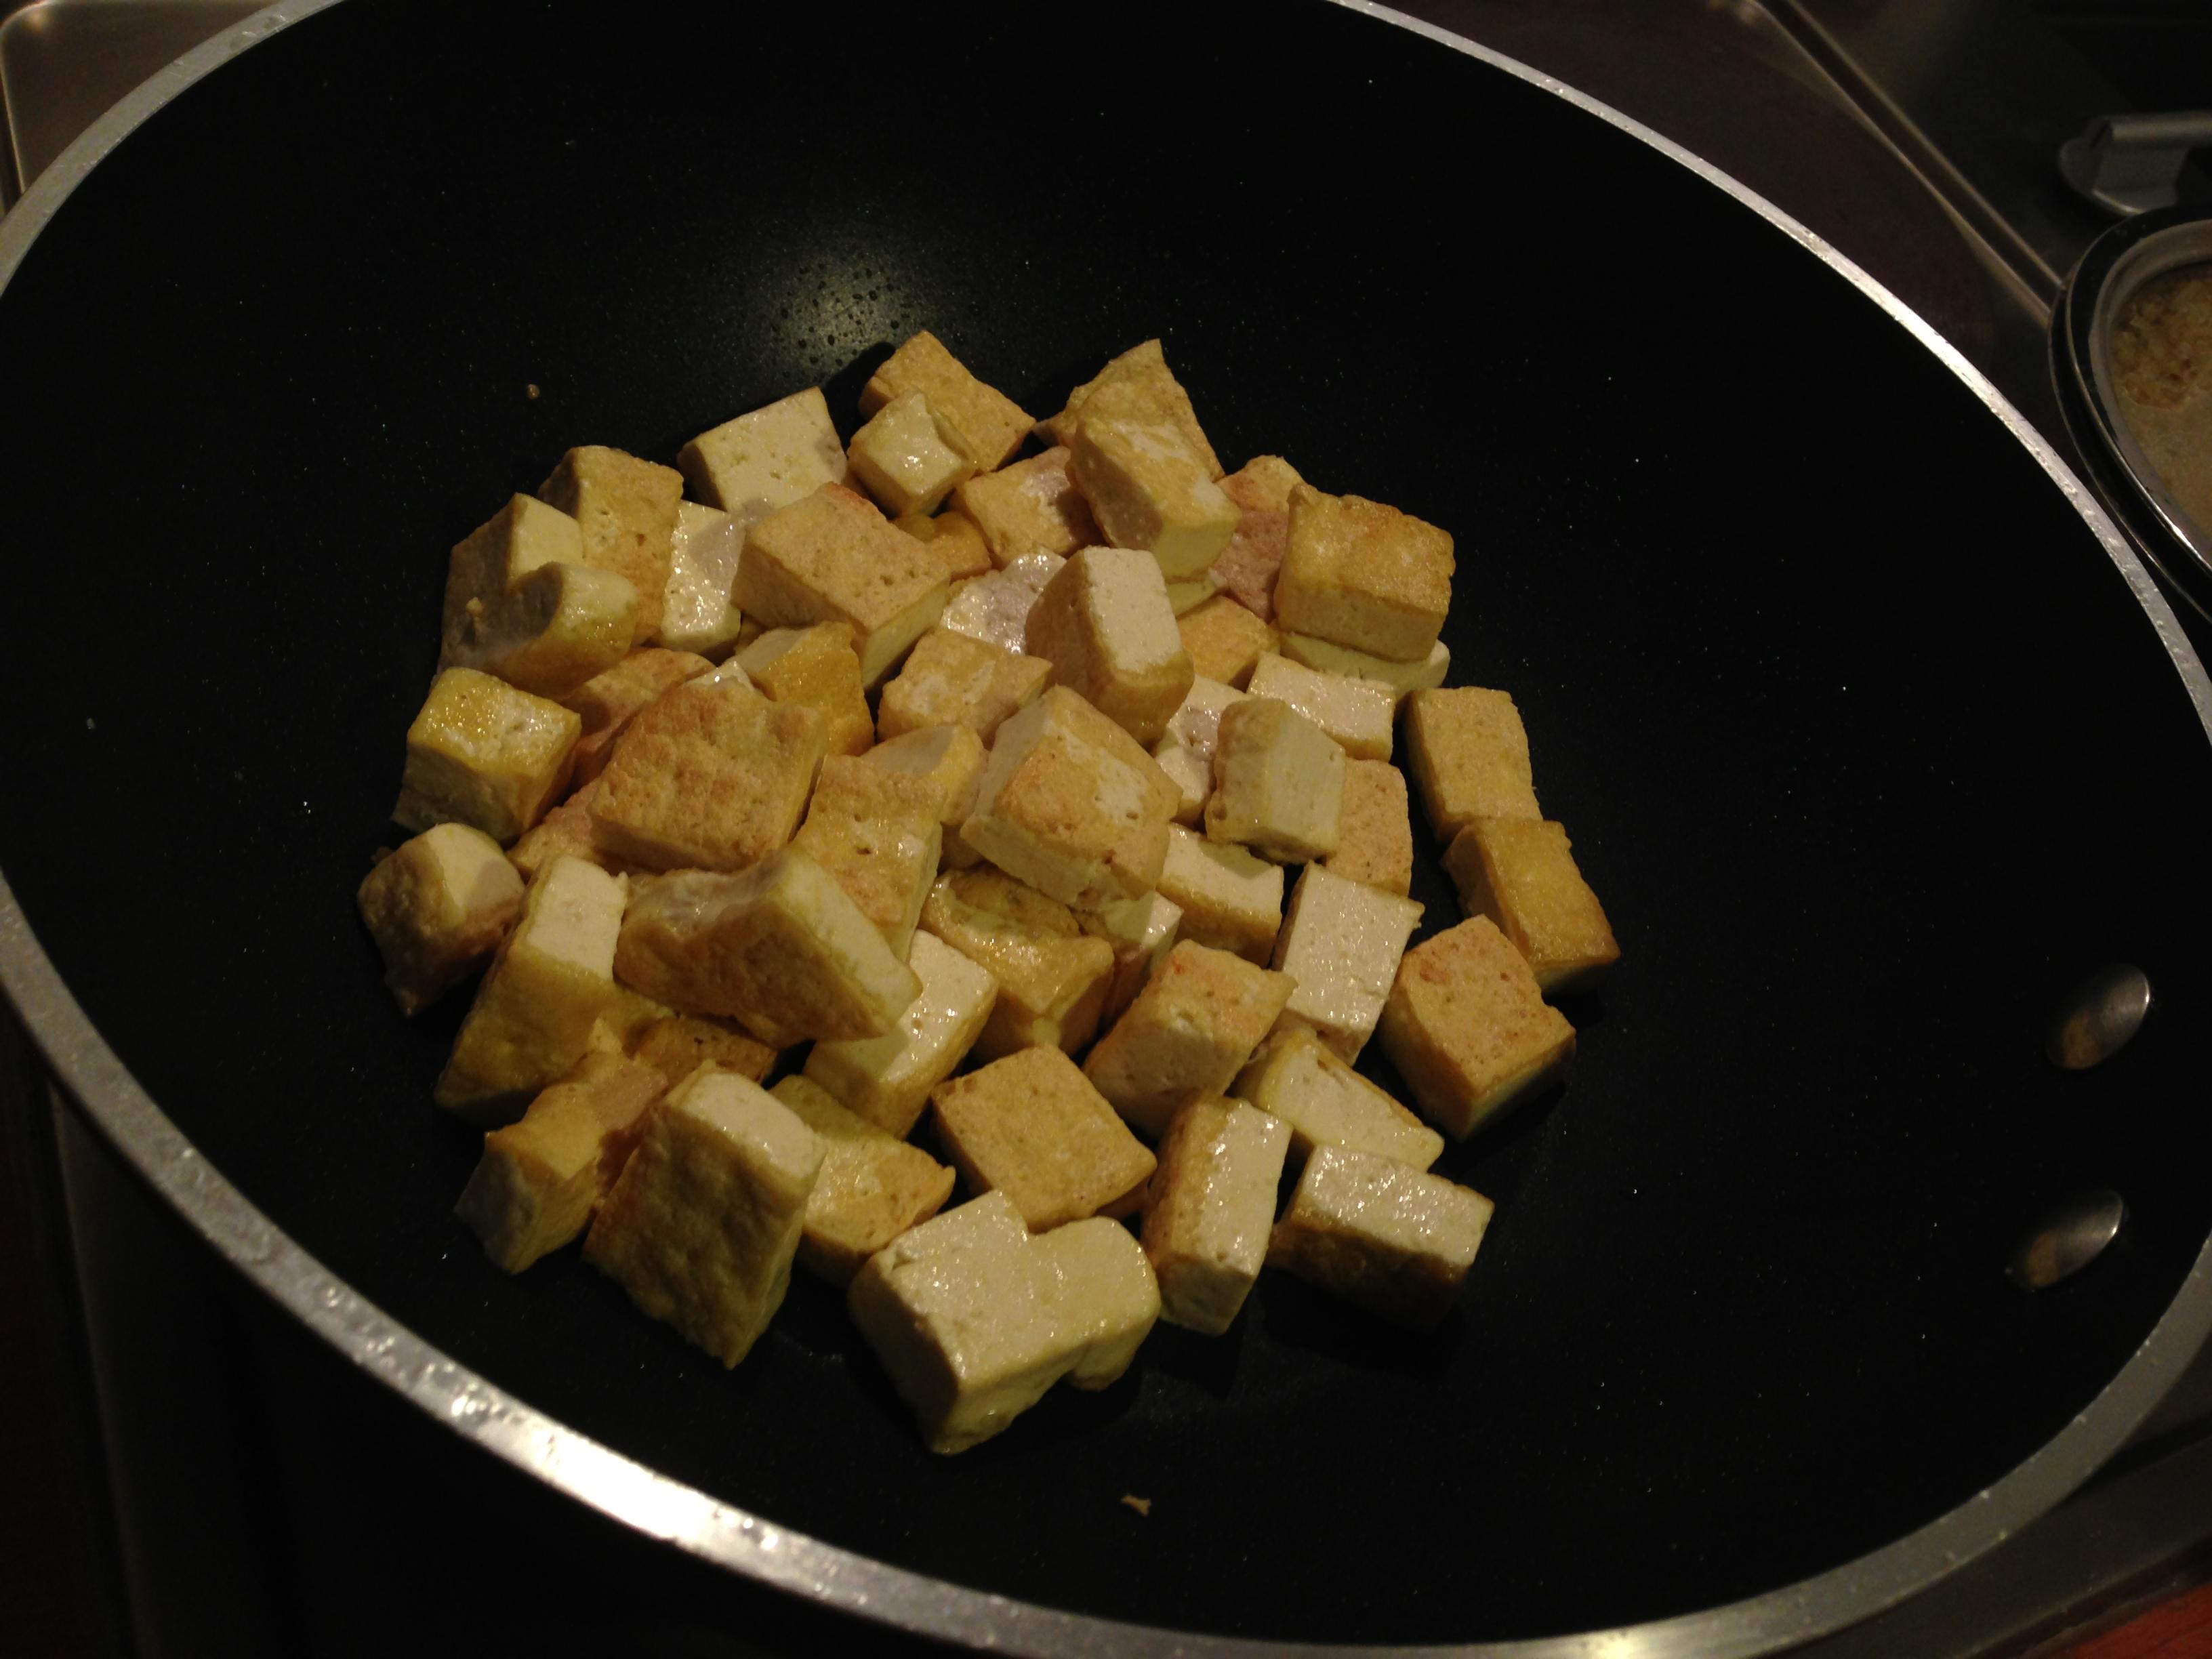 Salteando el tofu